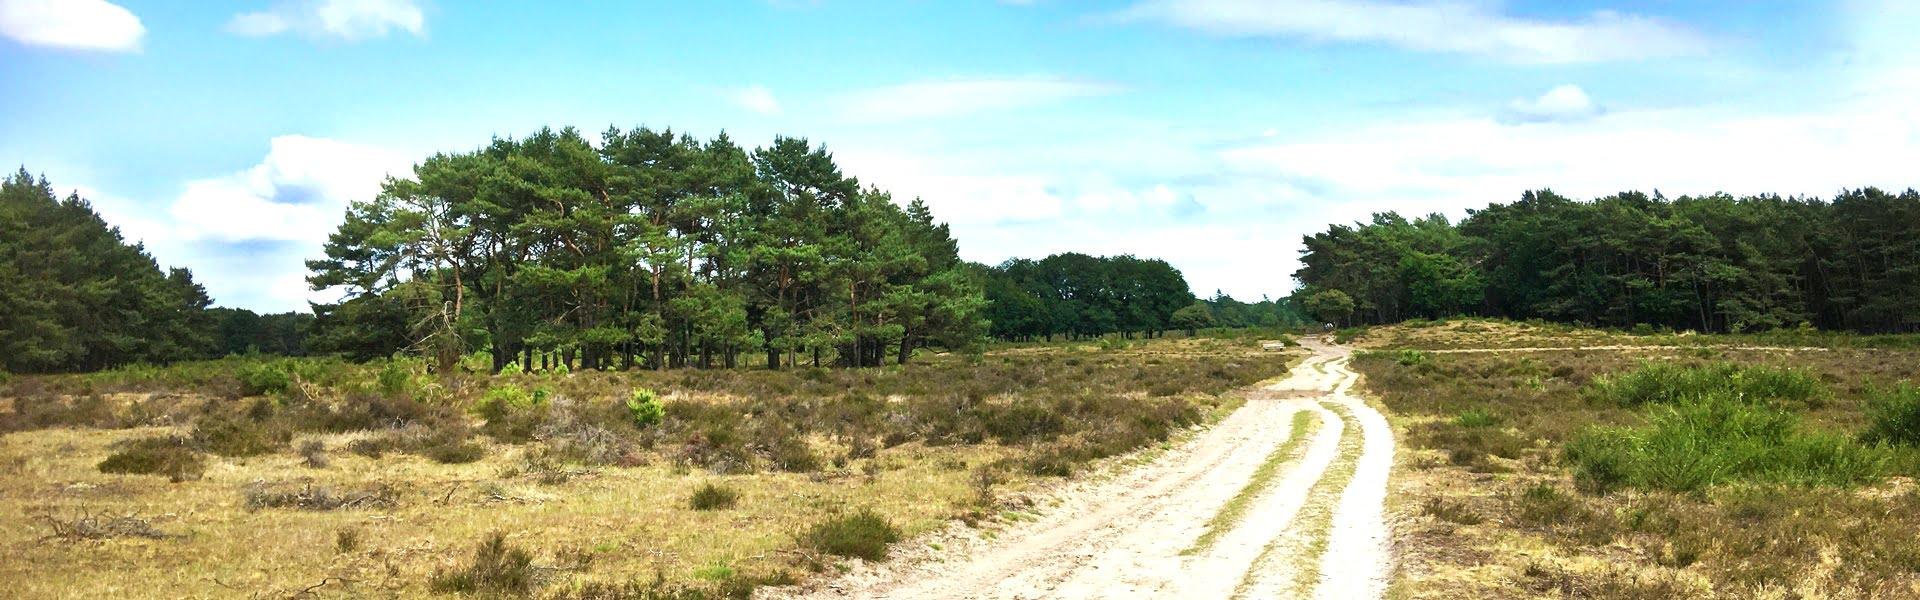 Nederland | De grote stille heide van het Gooi